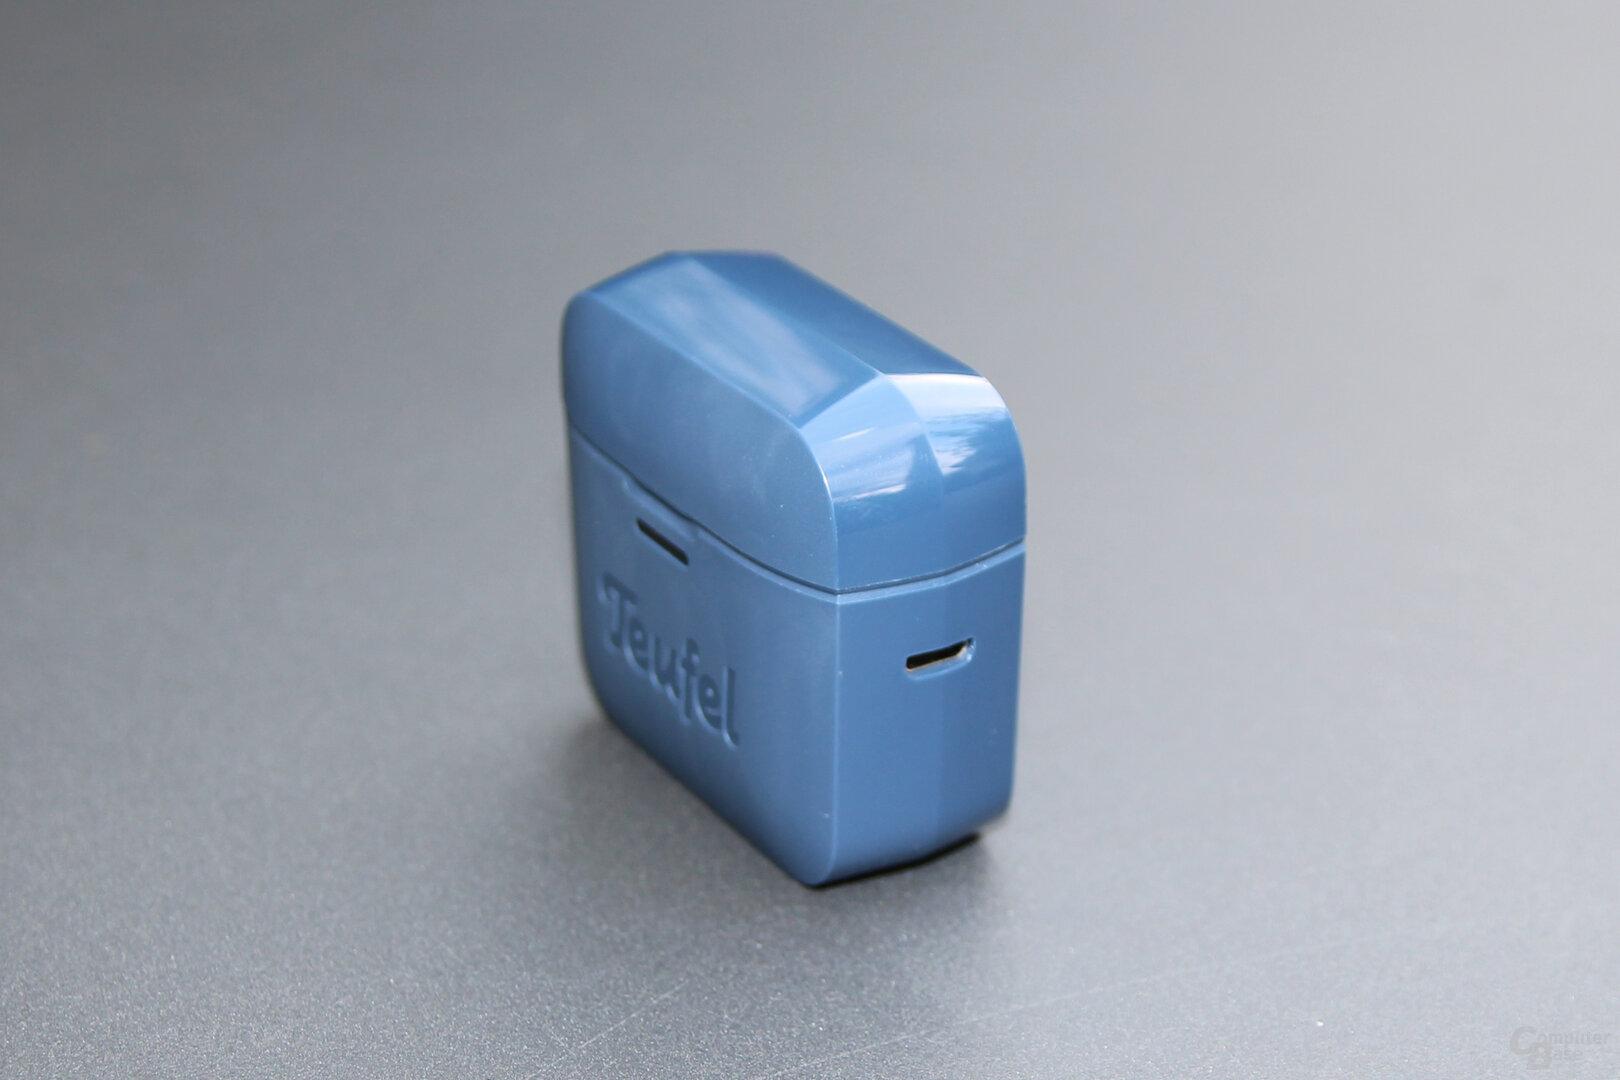 Teufel Airy True Wireless